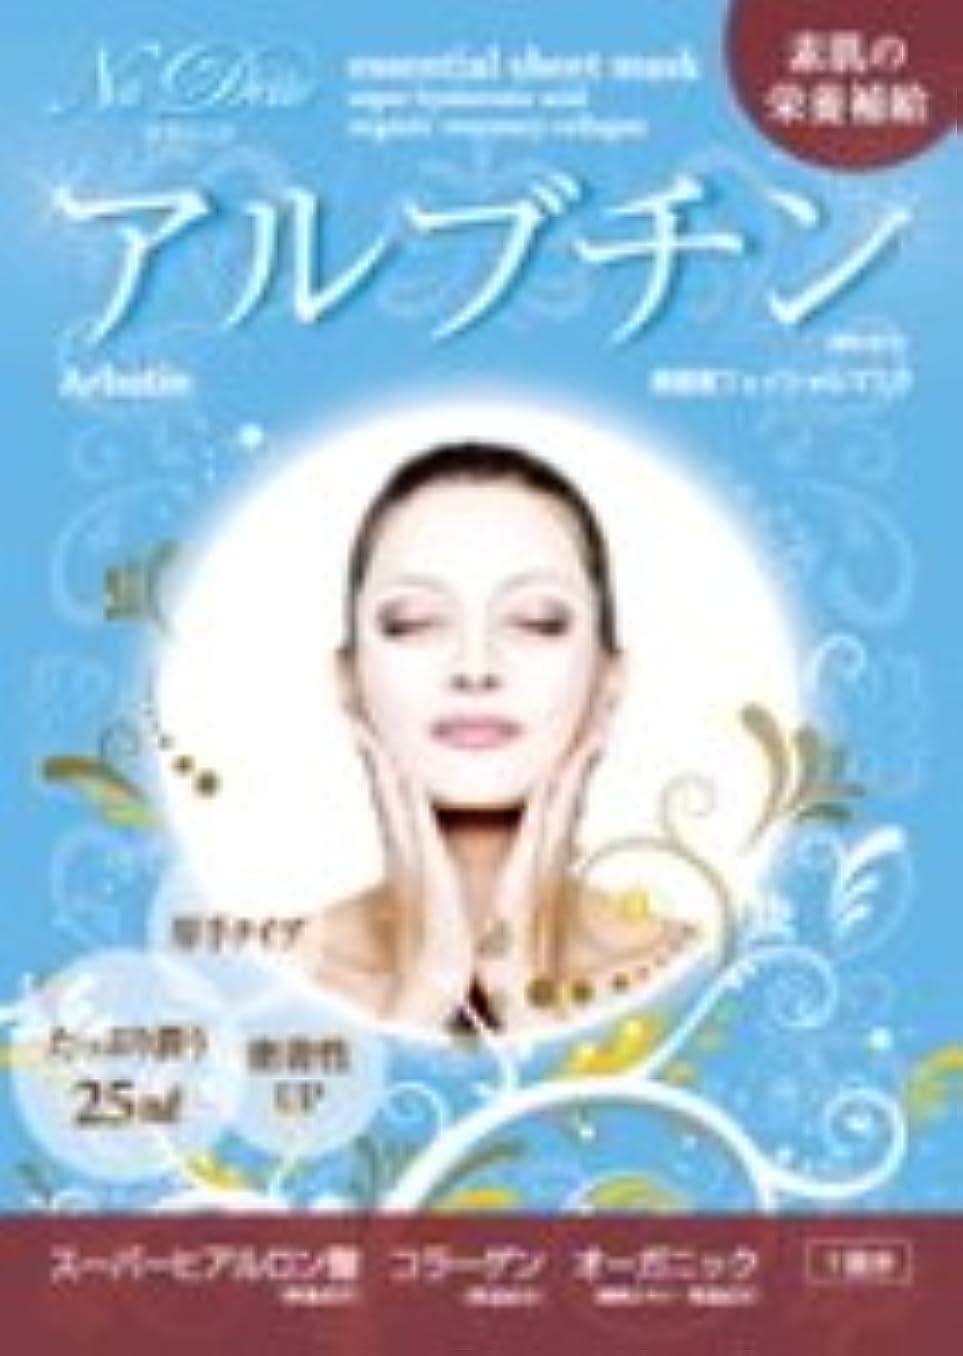 白雪姫再開賭けフェイスマスクシリーズ「ナディーテ」エッセンスシートマスク(アルブチン)